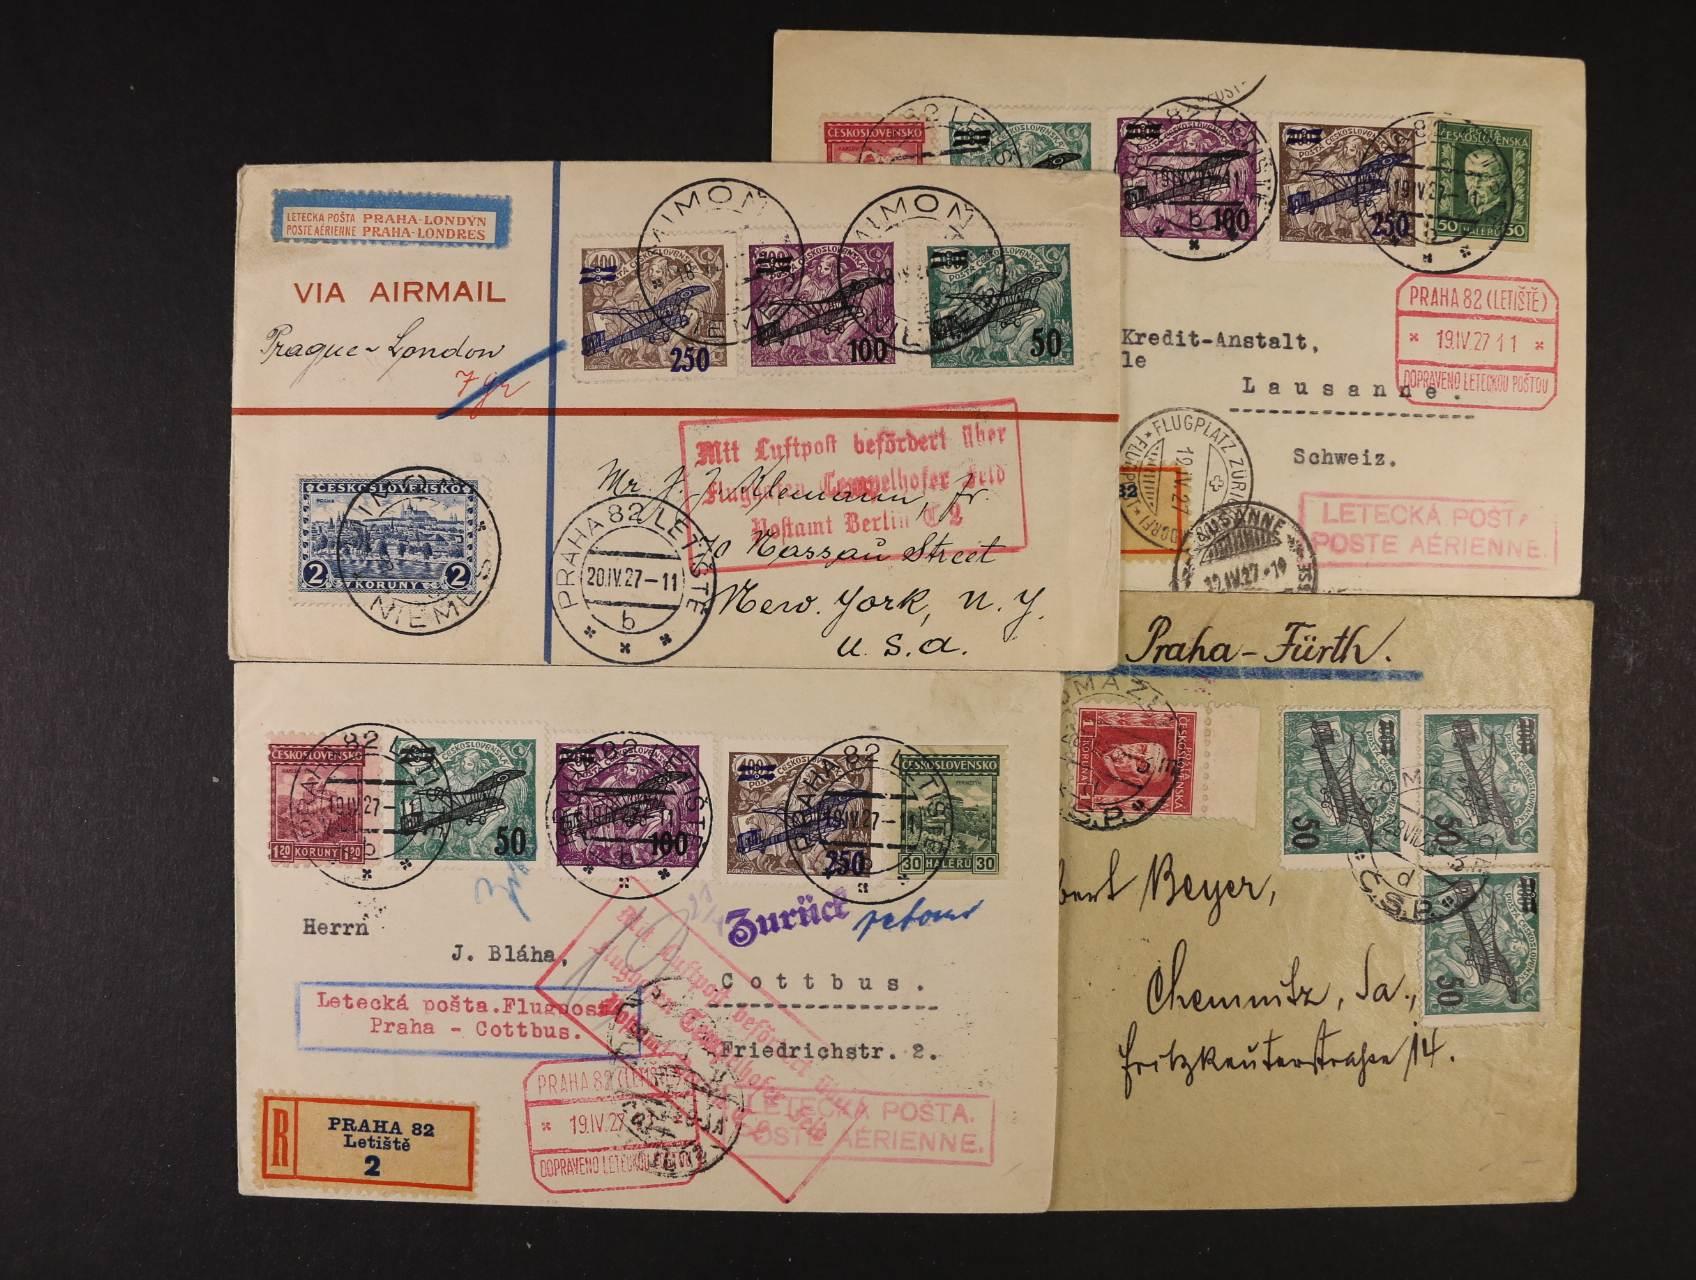 4 let dopisy z let 1926 - 27 s II. leteckou emisí do N. Yorku, Chemnitz, Cottbus, Lausanne, lepší letecká razítka, směrovky